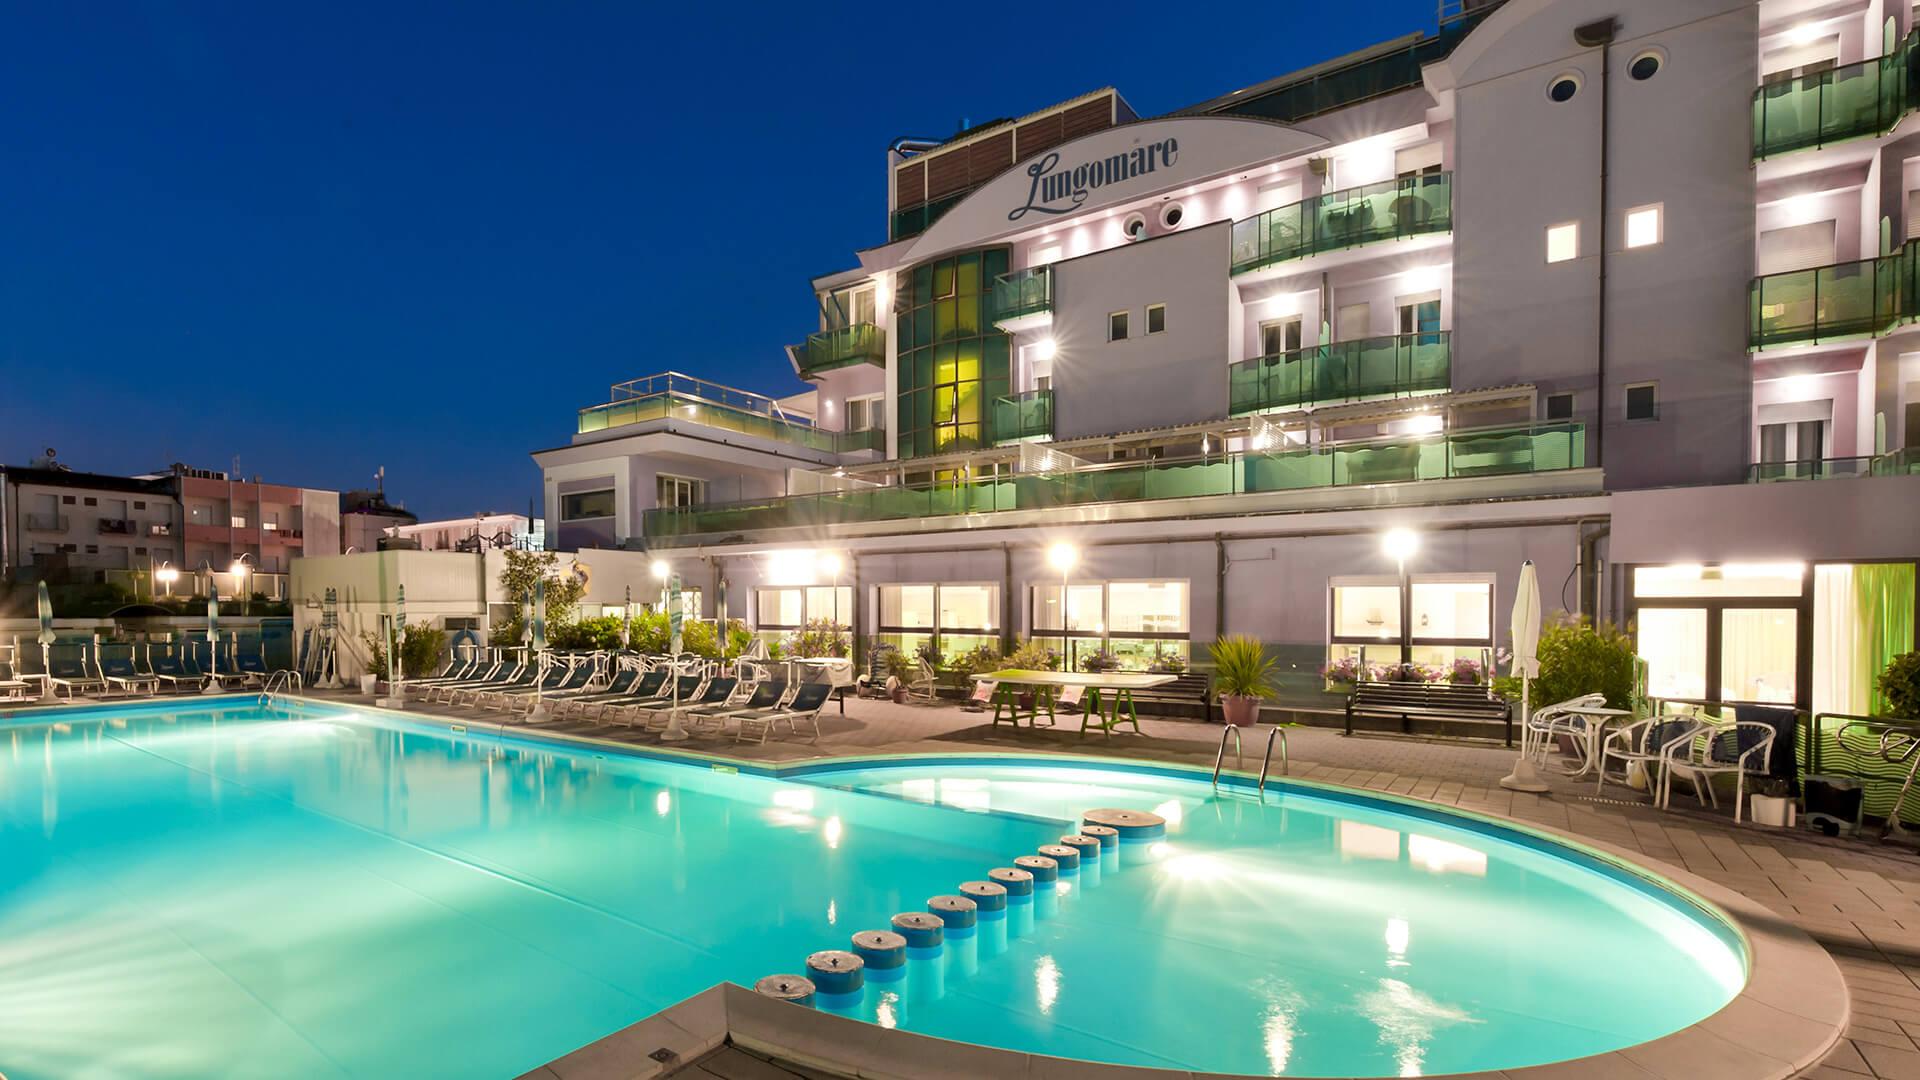 Hotellungomare